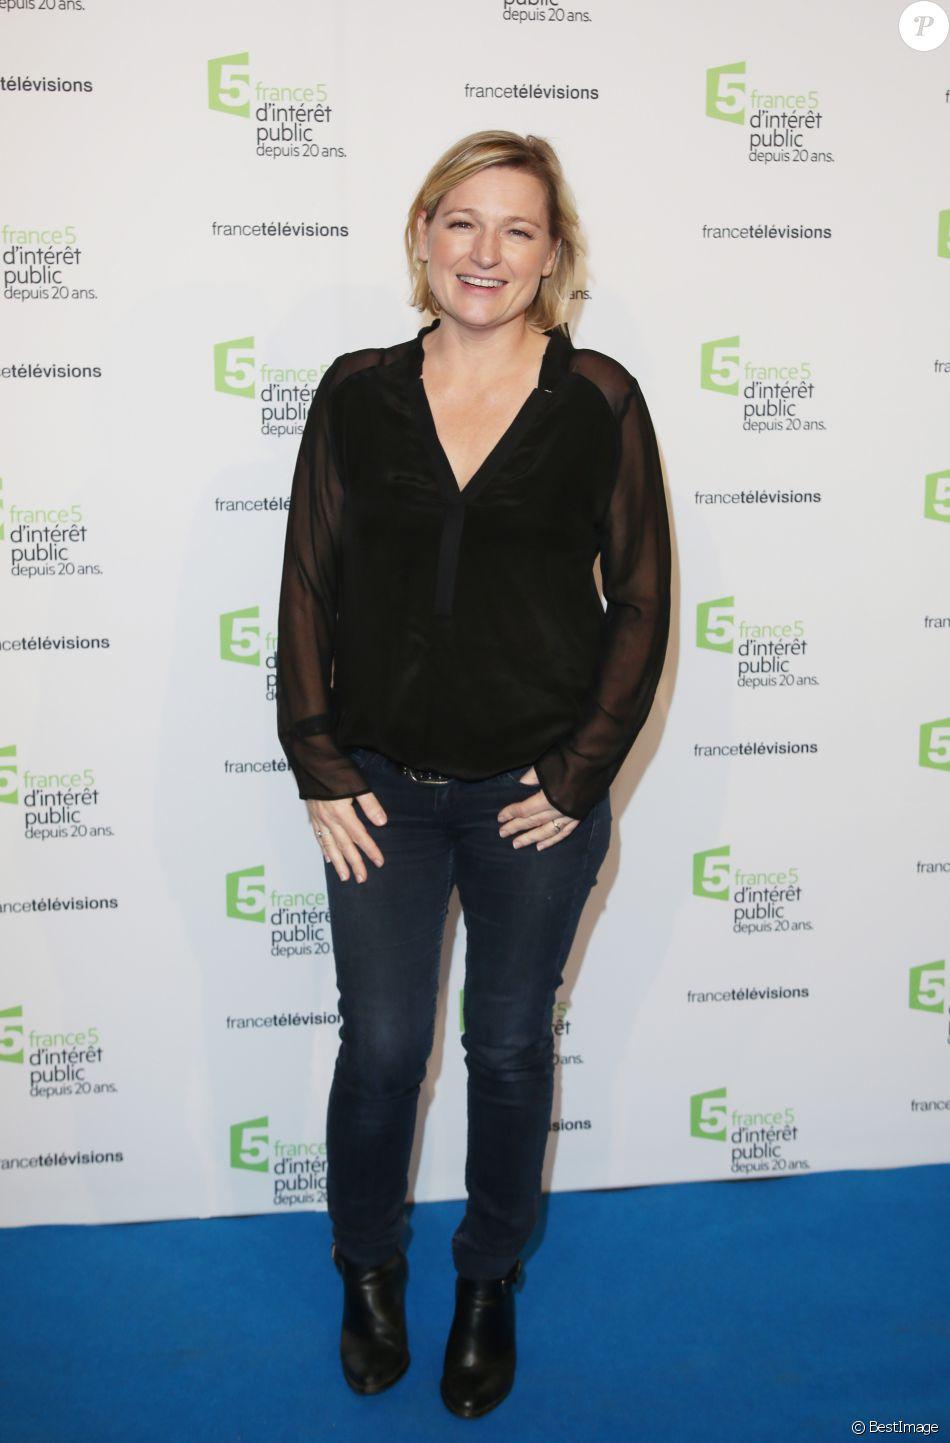 Anne-Elisabeth Lemoine - Soirée du 20ème anniversaire de France 5 à la Cité de la mode et du design à Paris, le 27 novembre 2014.